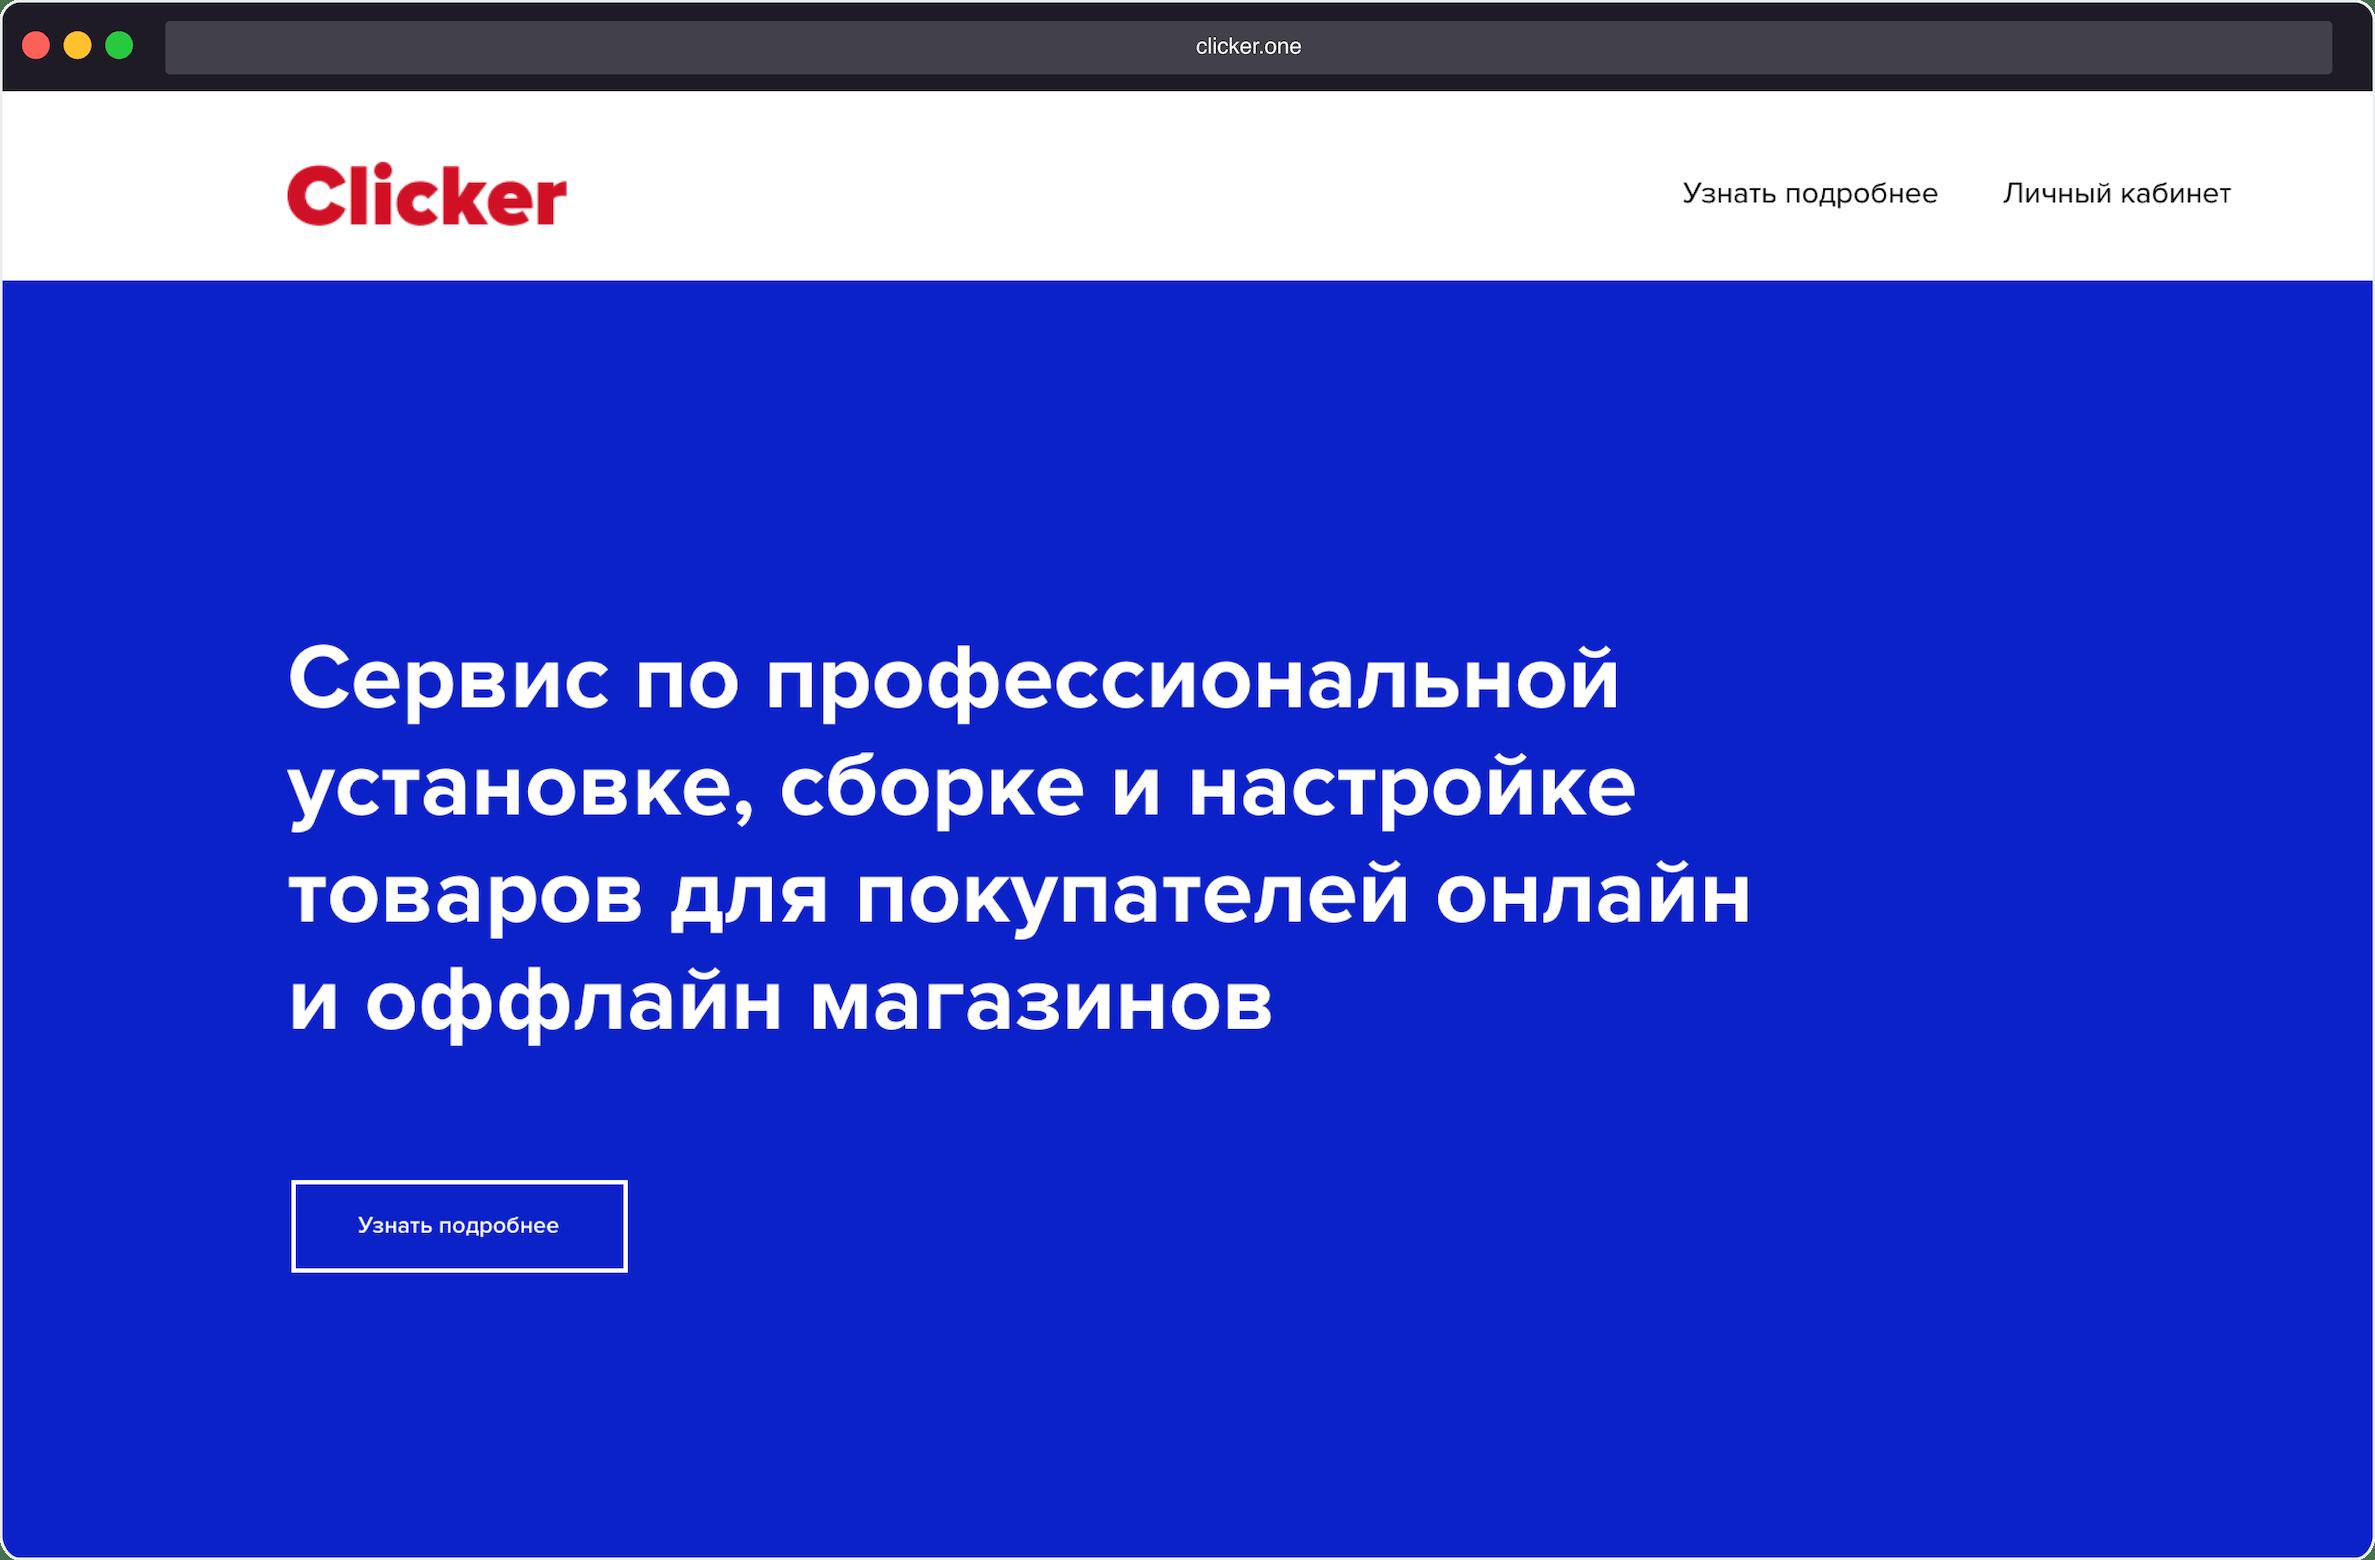 """Скриншот из проекта """"Кликер"""""""